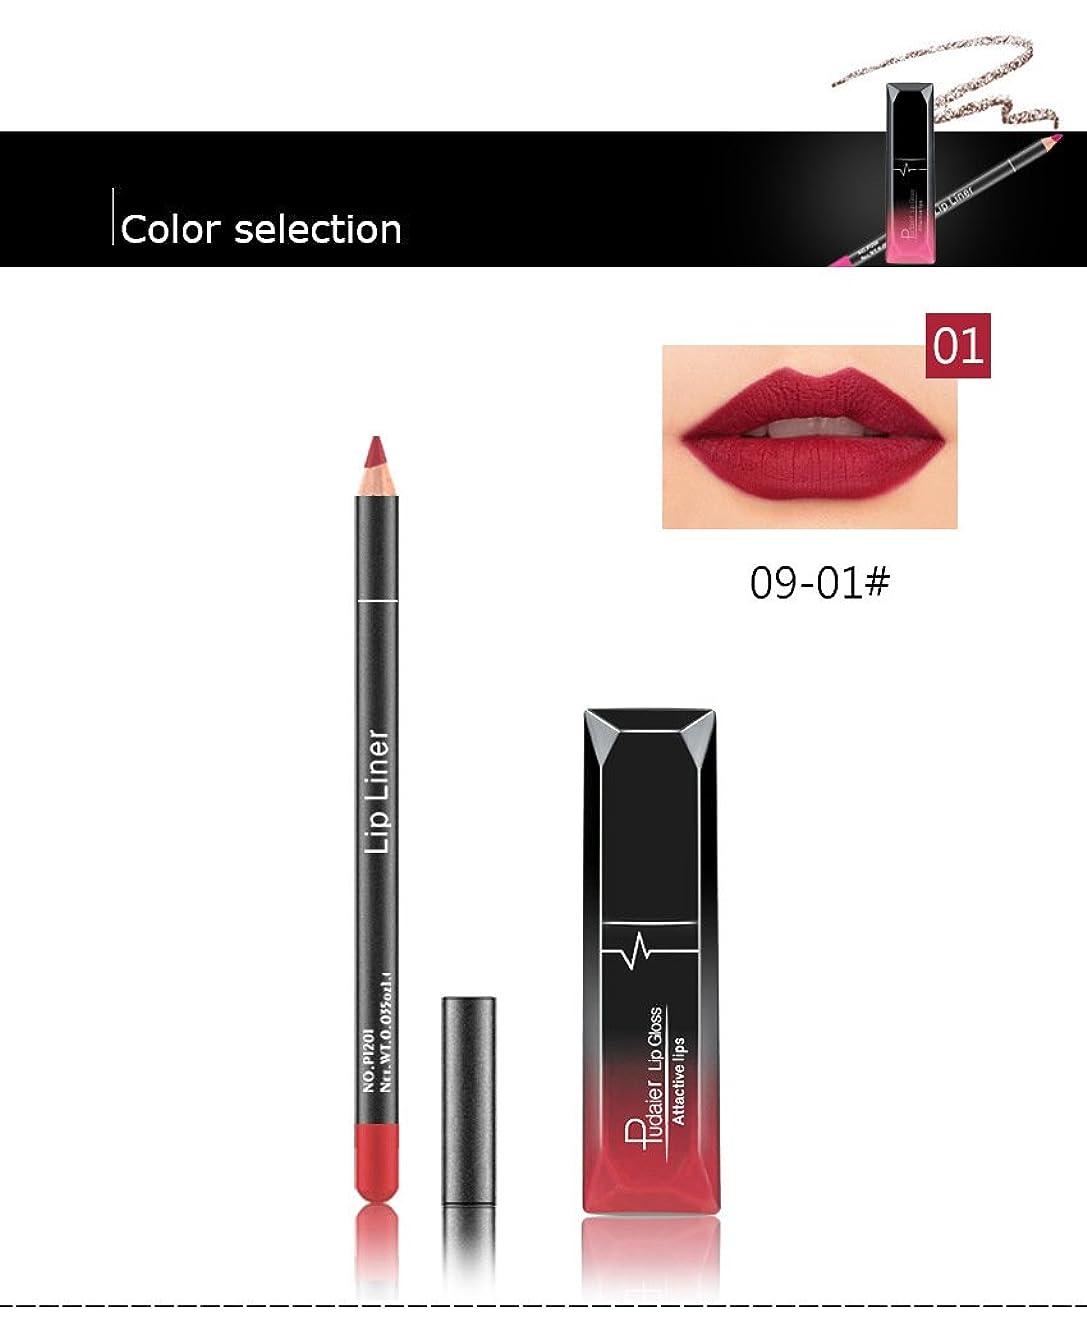 シビック強制失望させる(01) Pudaier 1pc Matte Liquid Lipstick Cosmetic Lip Kit+ 1 Pc Nude Lip Liner Pencil MakeUp Set Waterproof Long Lasting Lipstick Gfit